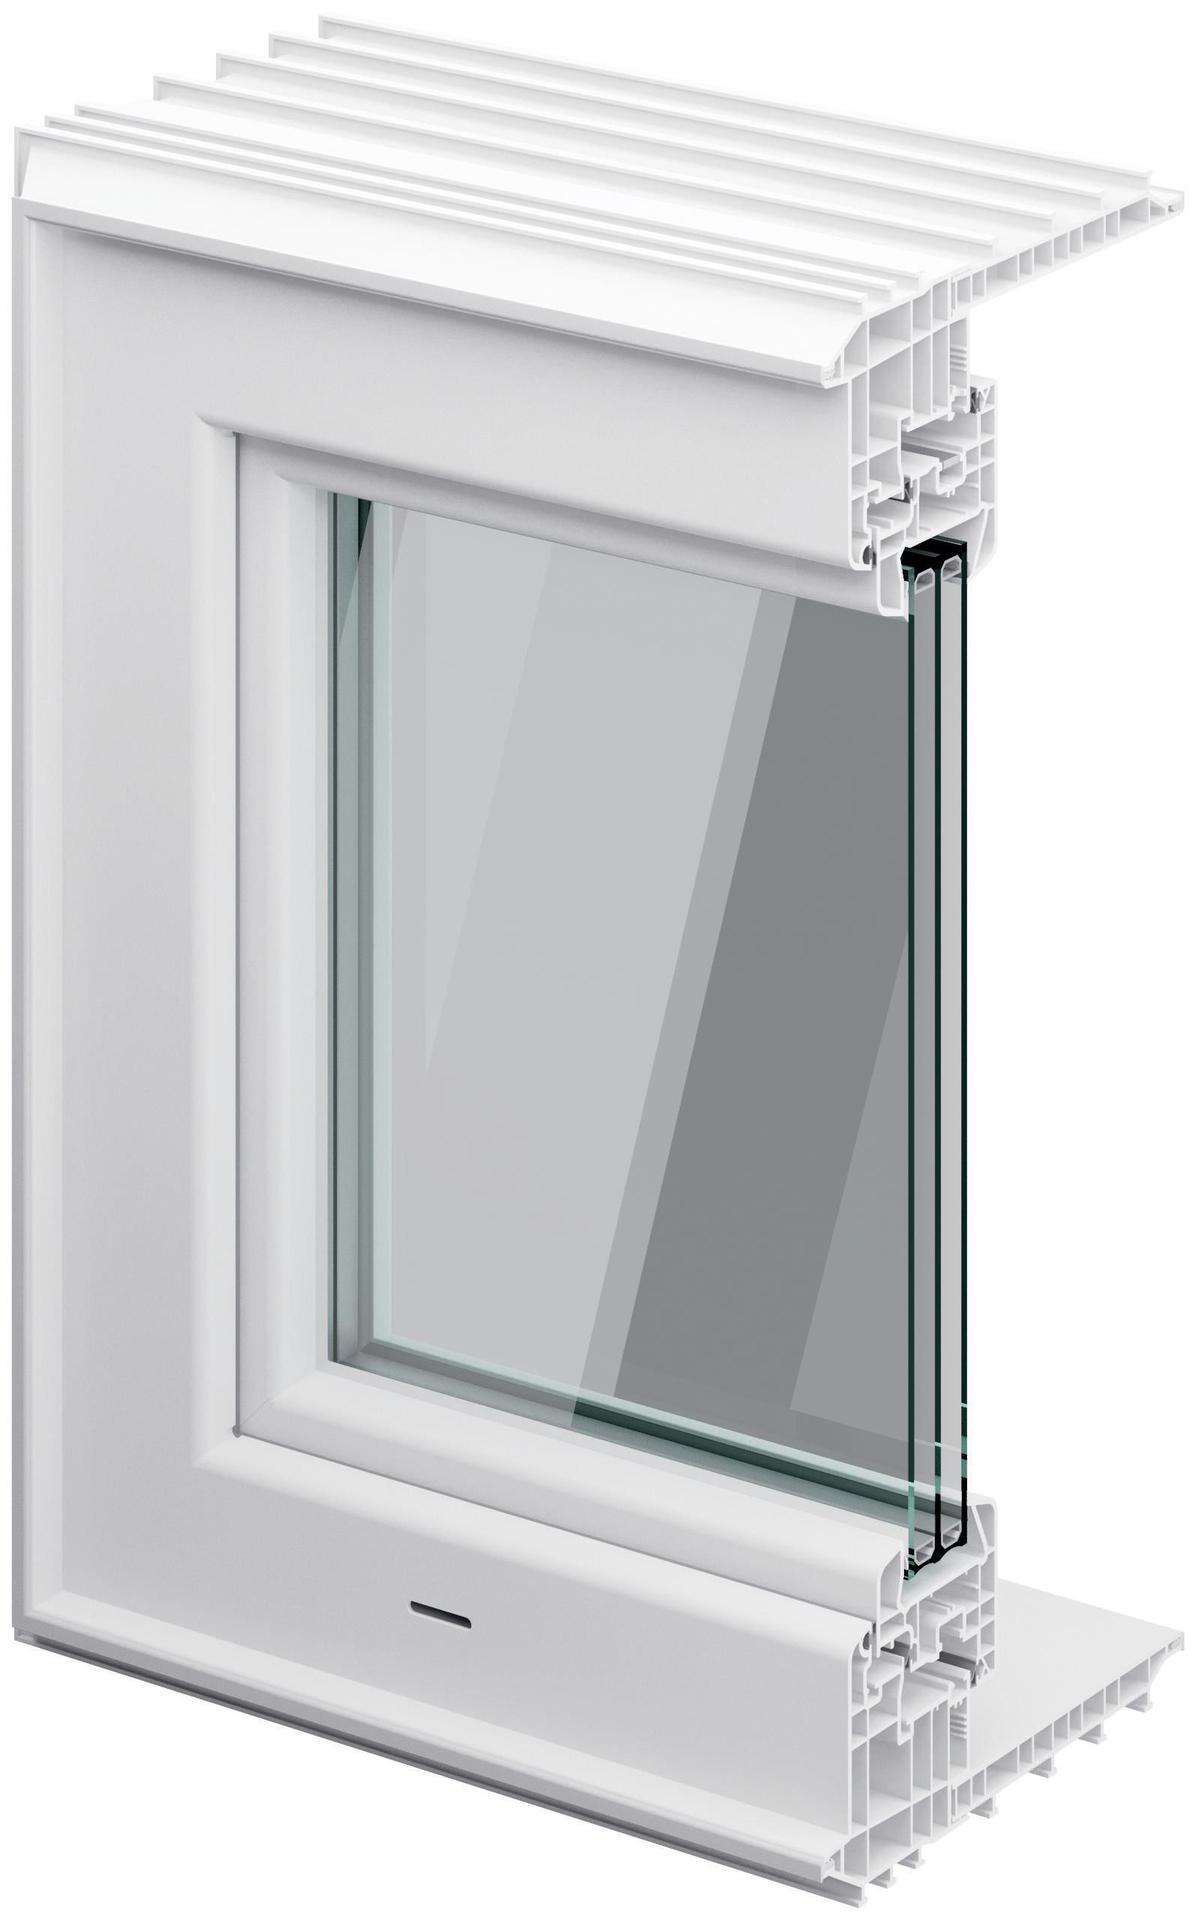 Full Size of Aco Kellerfenster Ersatzteile Therm Fenster Einbruchschutz Preisliste Einsatz 2019 Einstellen Velux Wohnzimmer Aco Kellerfenster Ersatzteile